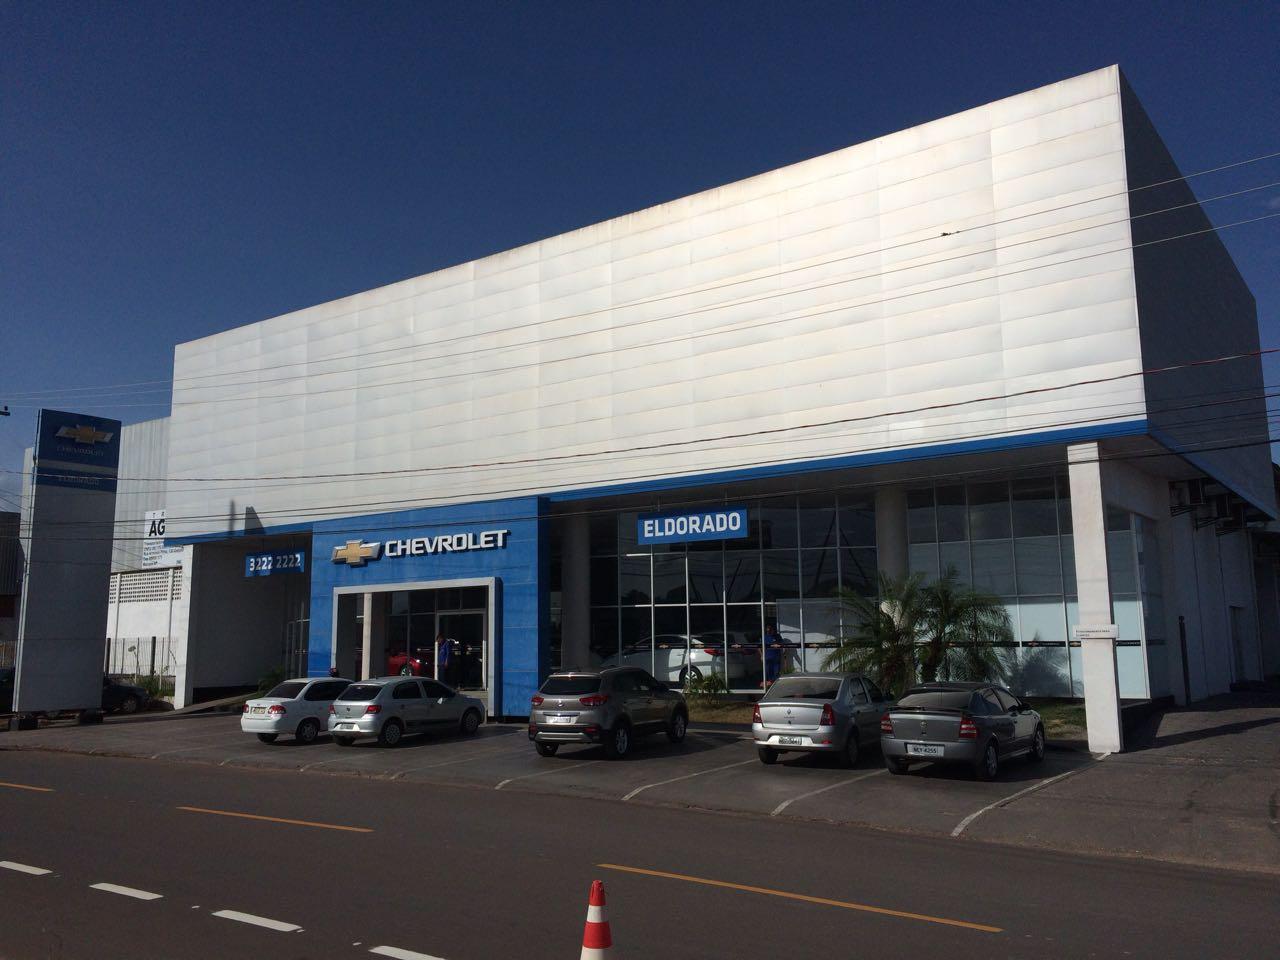 Fachada concessionária Chevrolet Eldorado